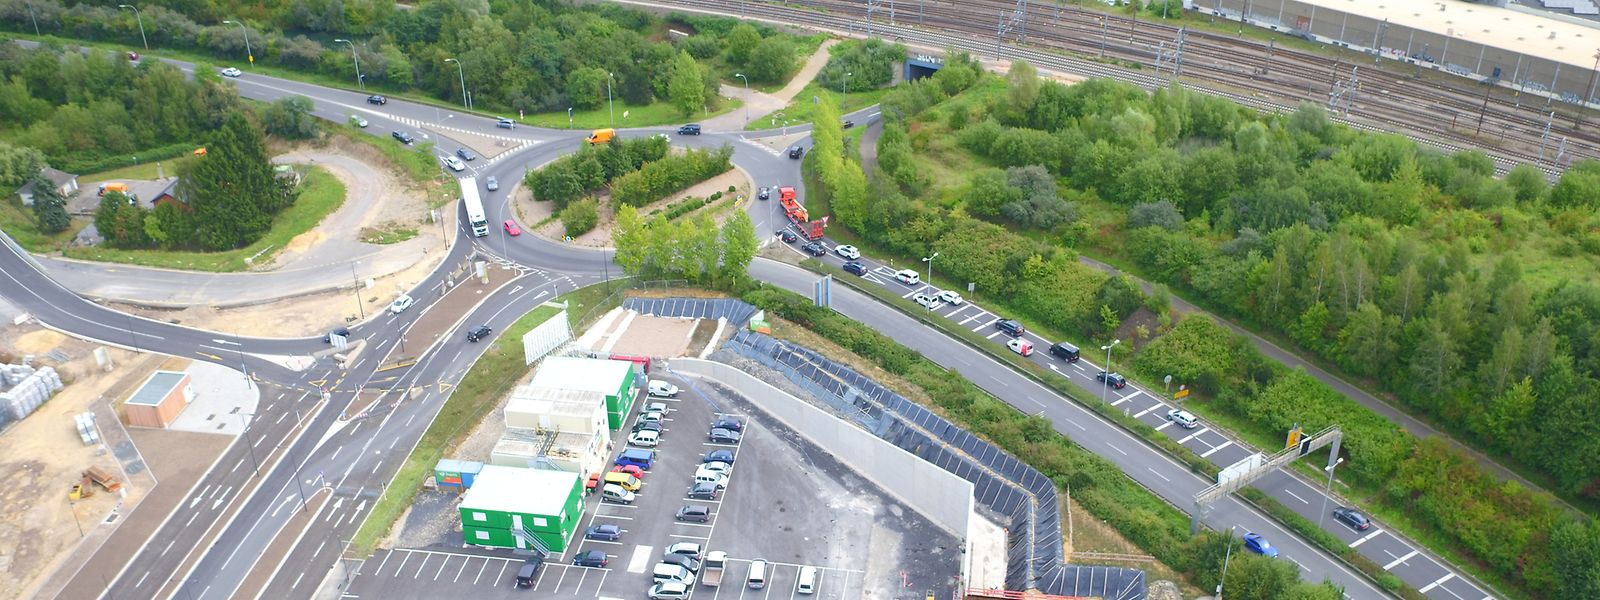 Von Sonntag wird sich die Verkehrsführung ab dem Kreisverkehr Gluck ändern.